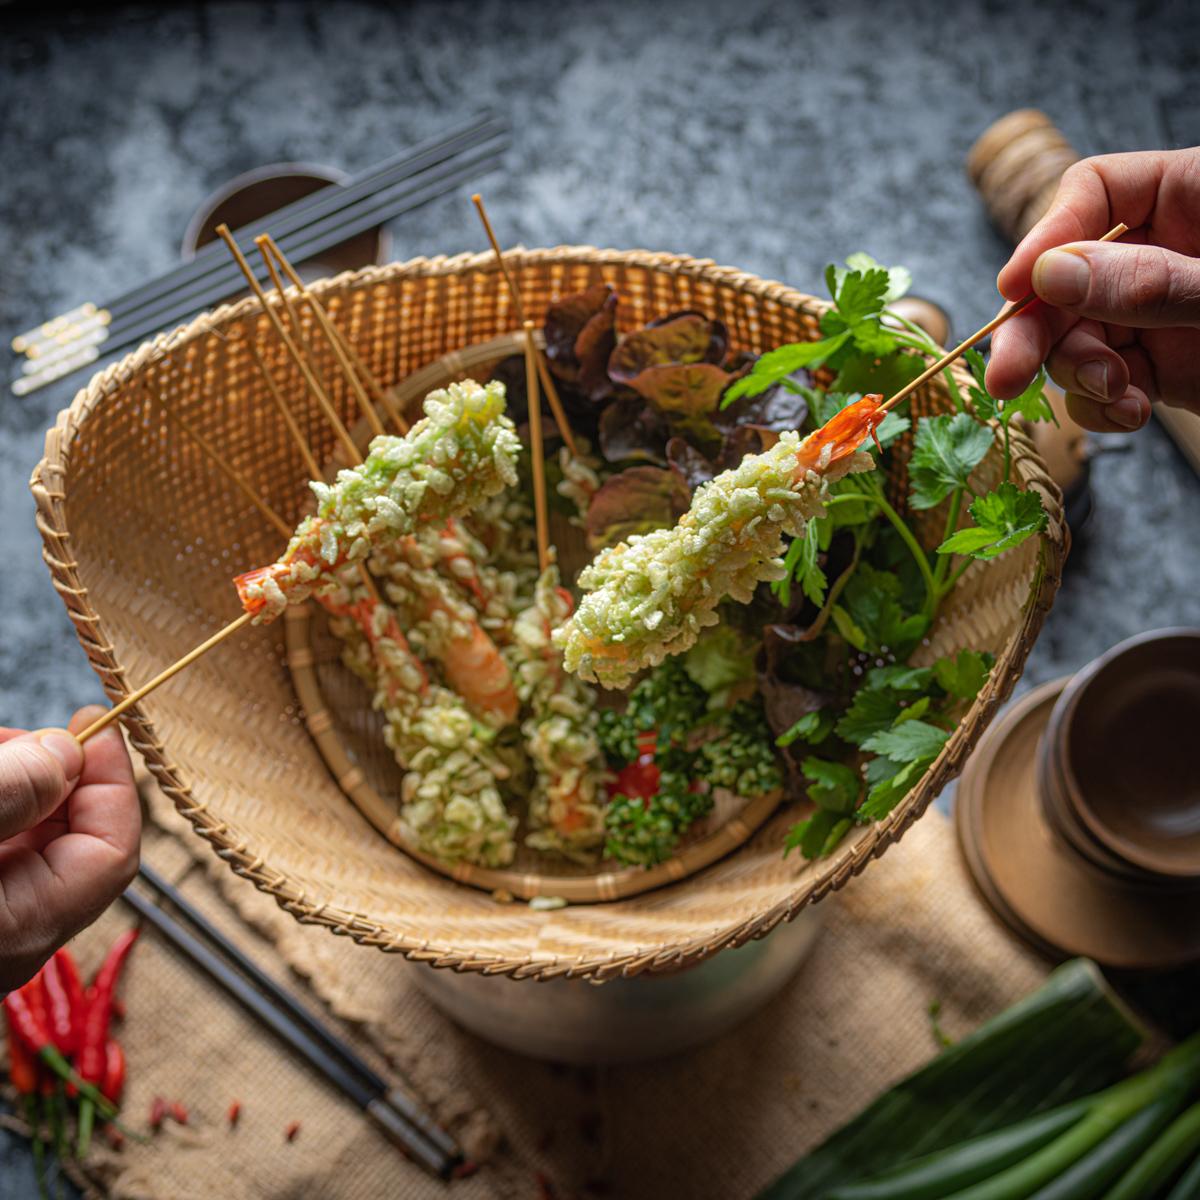 Ngon thailändisches Restaurant in Berlin-Mitte-3